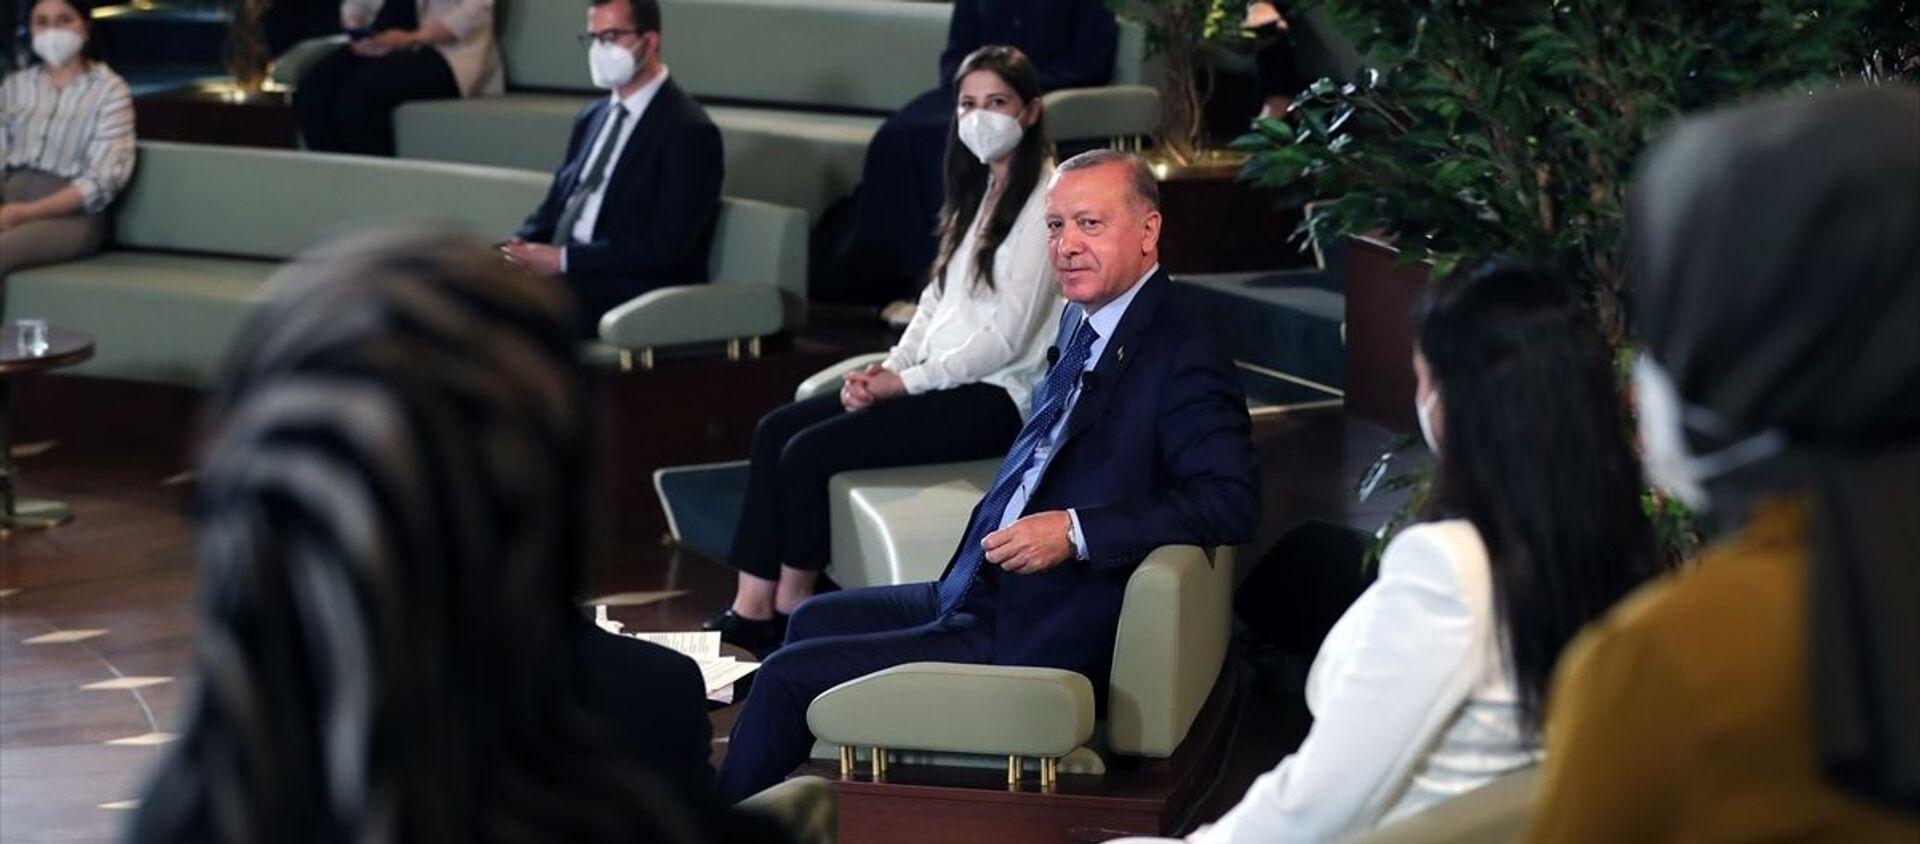 Cumhurbaşkanı Recep Tayyip Erdoğan, Kütüphane Söyleşileri'nin üçüncüsünde Millet Kütüphanesi'nde doktora öğrencileriyle bir araya geldi. - Sputnik Türkiye, 1920, 02.07.2021